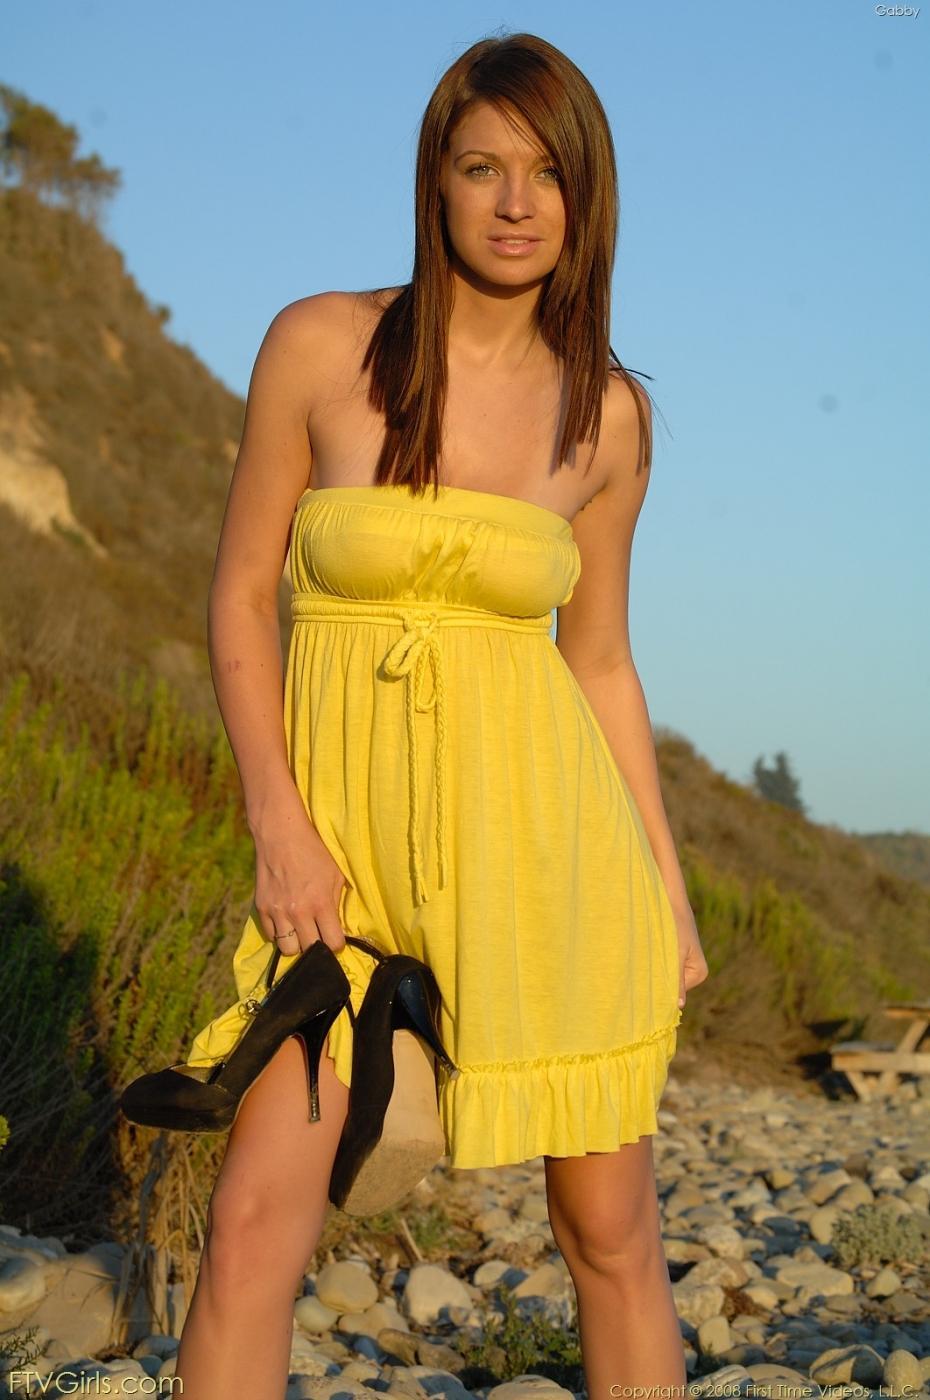 Gabby FTV в желтом платье с гигантскими дойками и стриженной пиздой